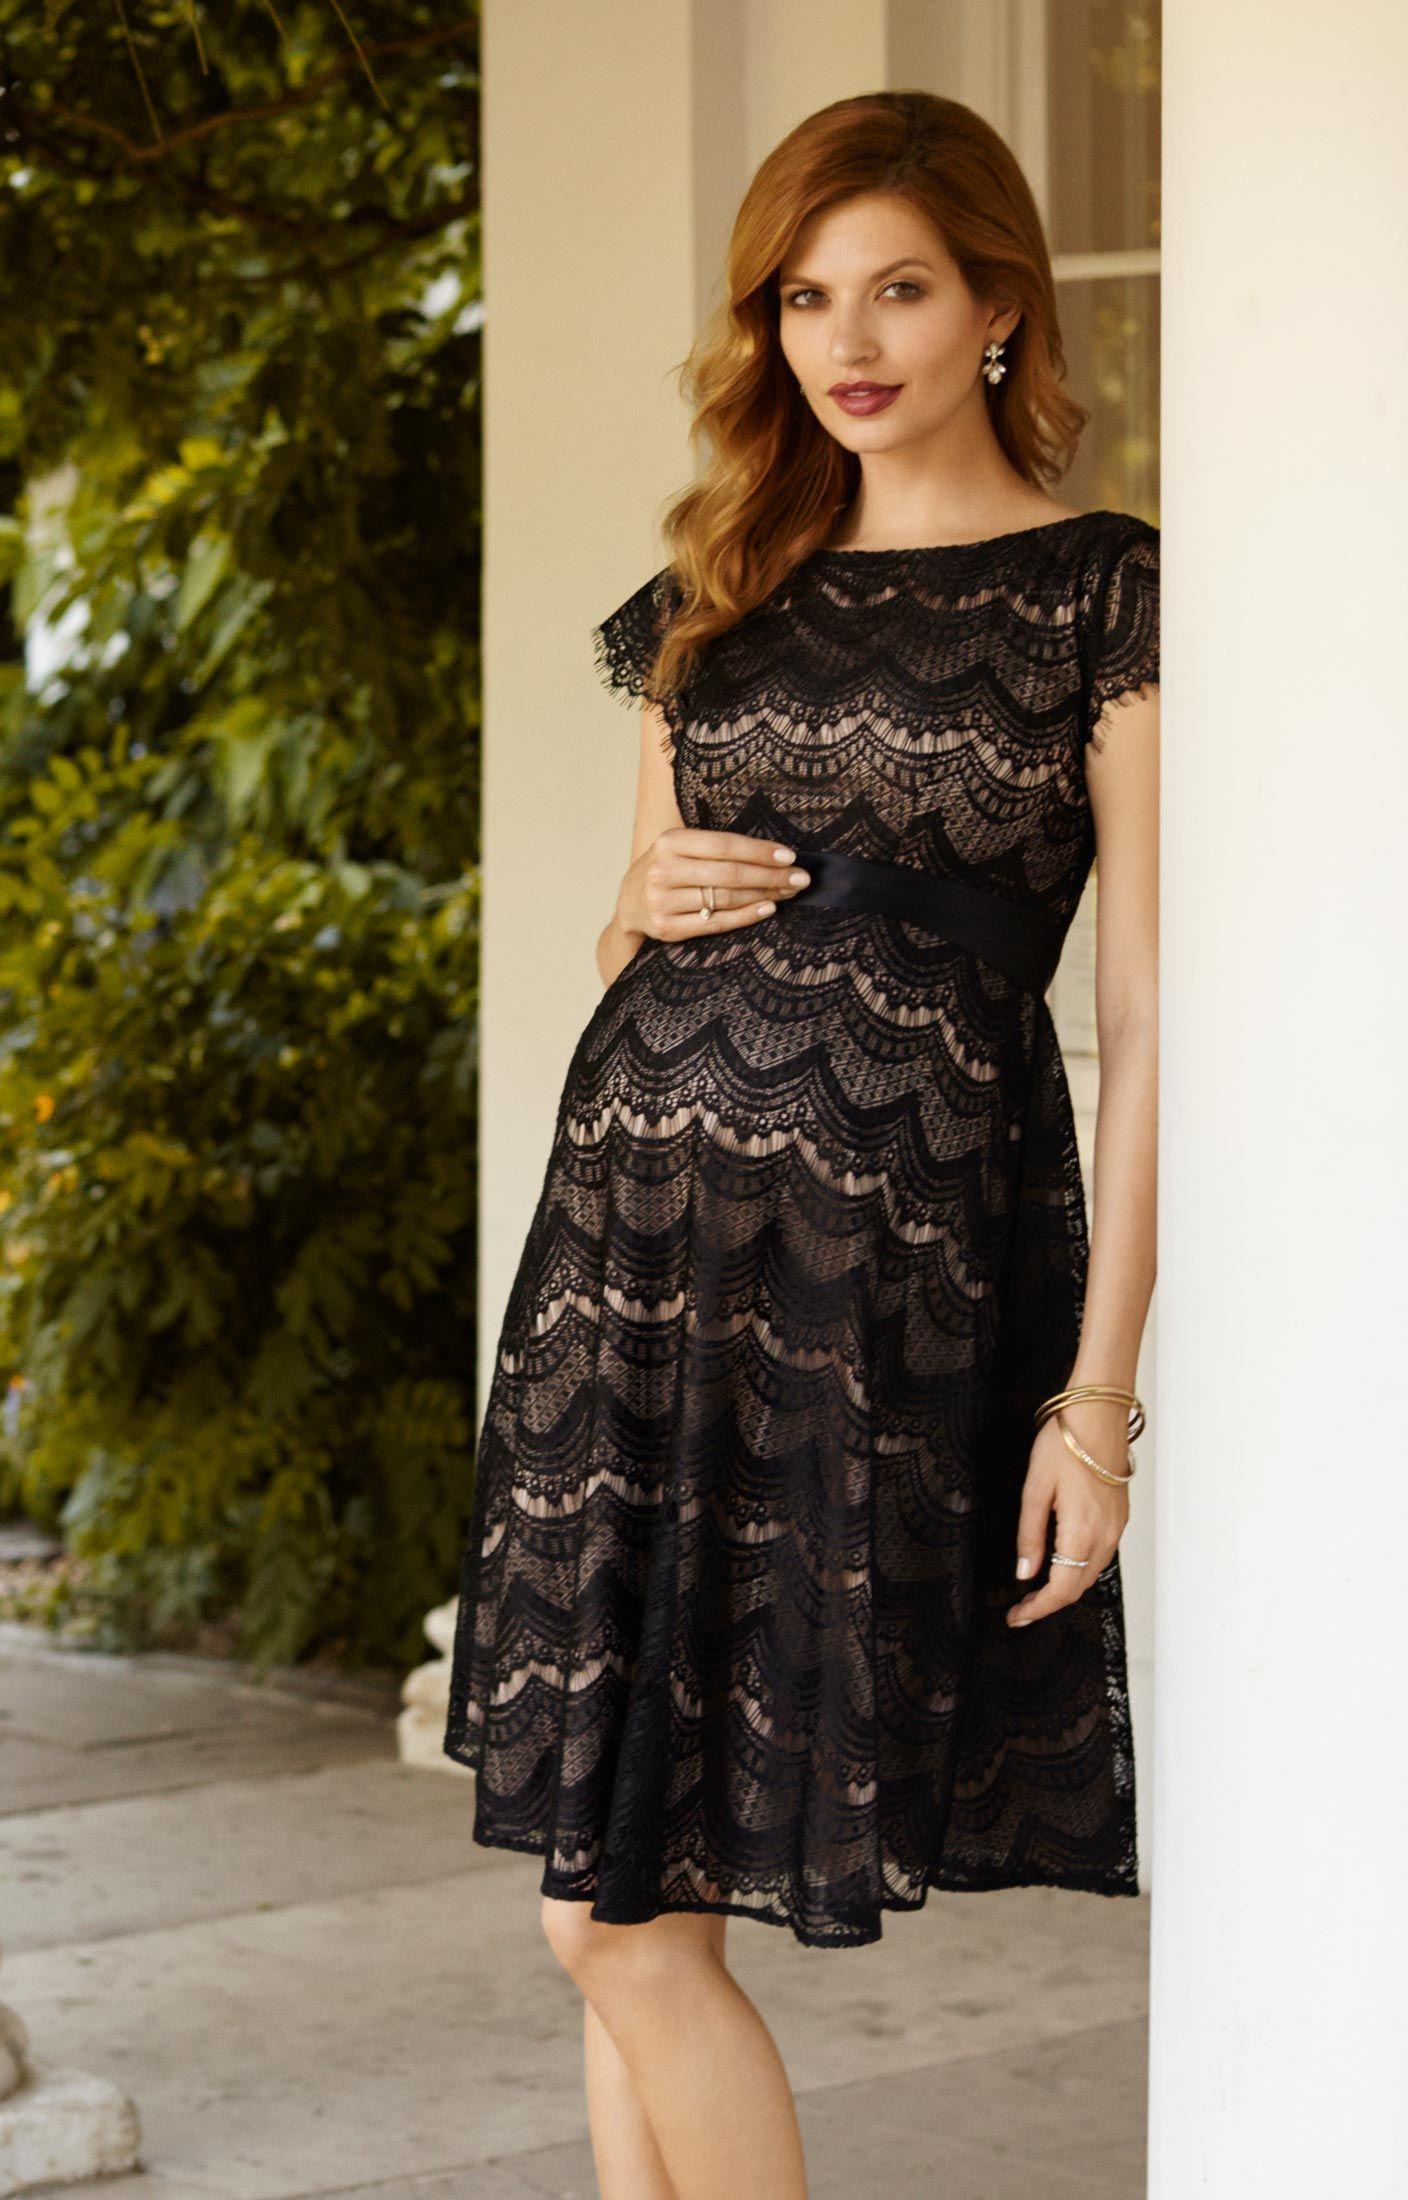 Flutter Lace Maternity Dress Brudklänningar, aftonkläder